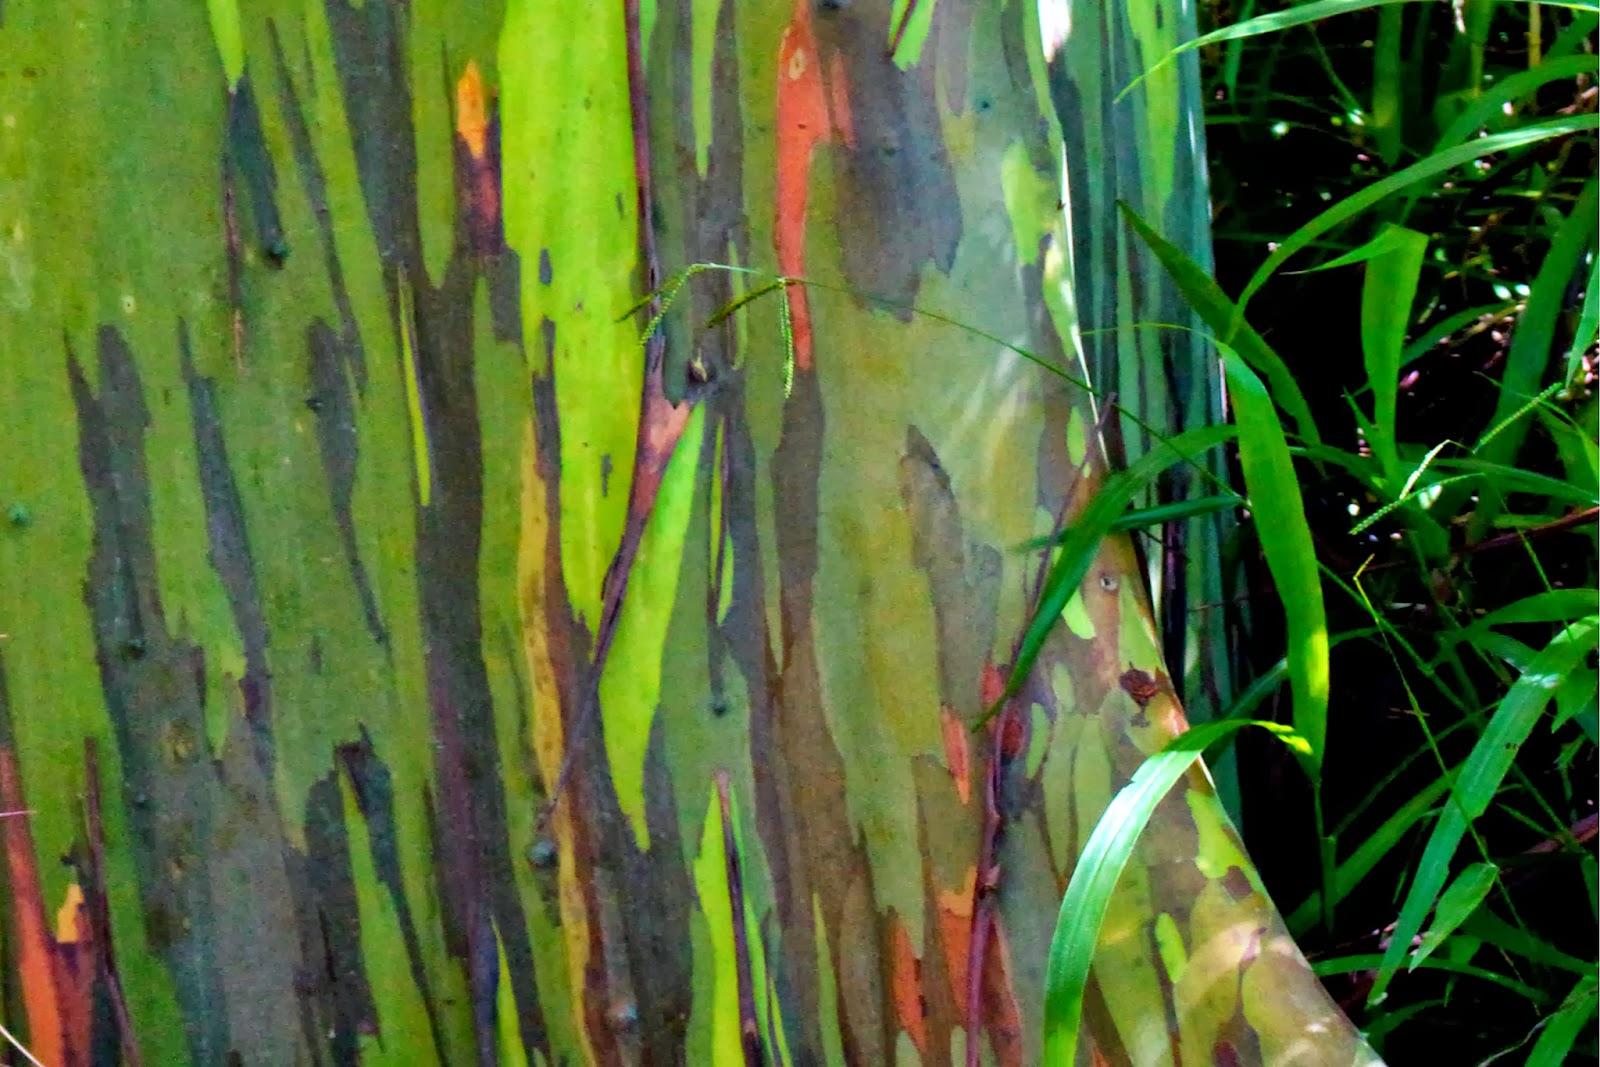 Maui Mondays: Rainbow Eucalyptus Trees | All Things with Purpose